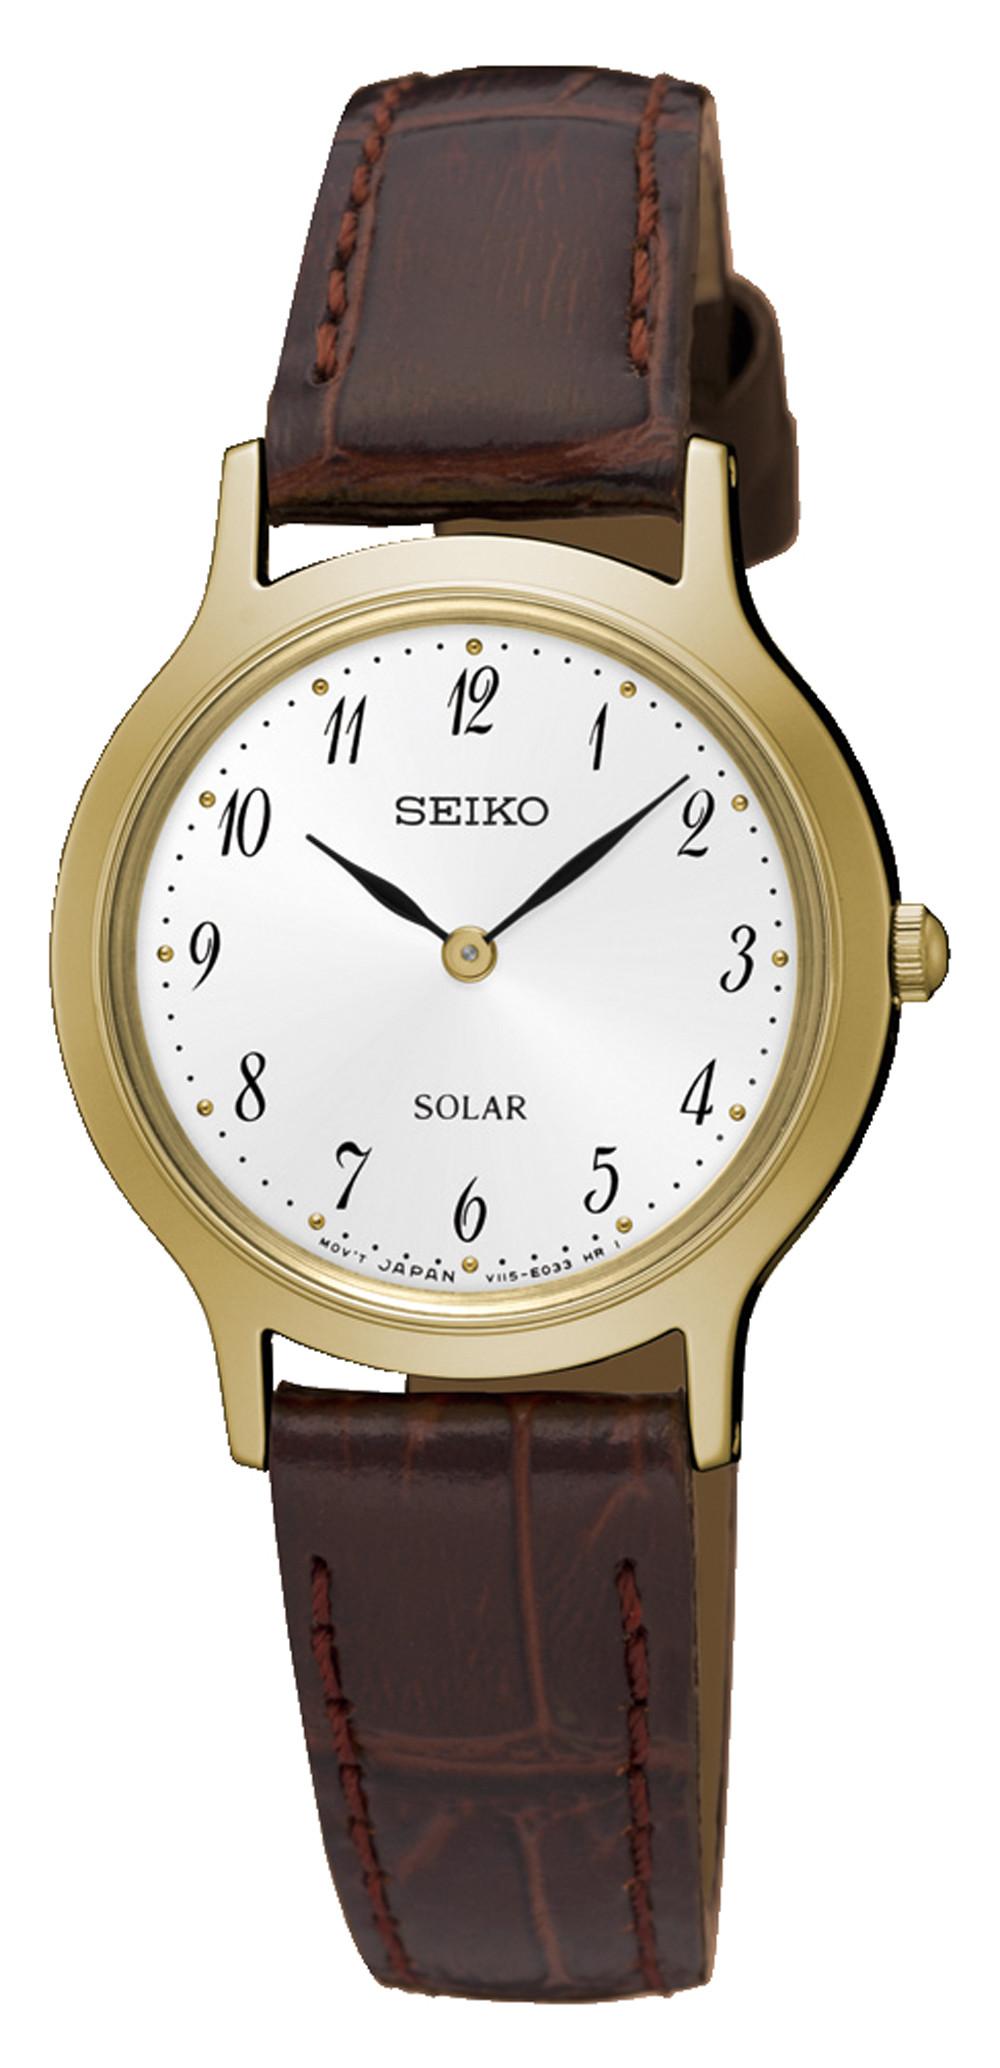 นาฬิกาผู้หญิง Seiko รุ่น SUP370P1, Solar